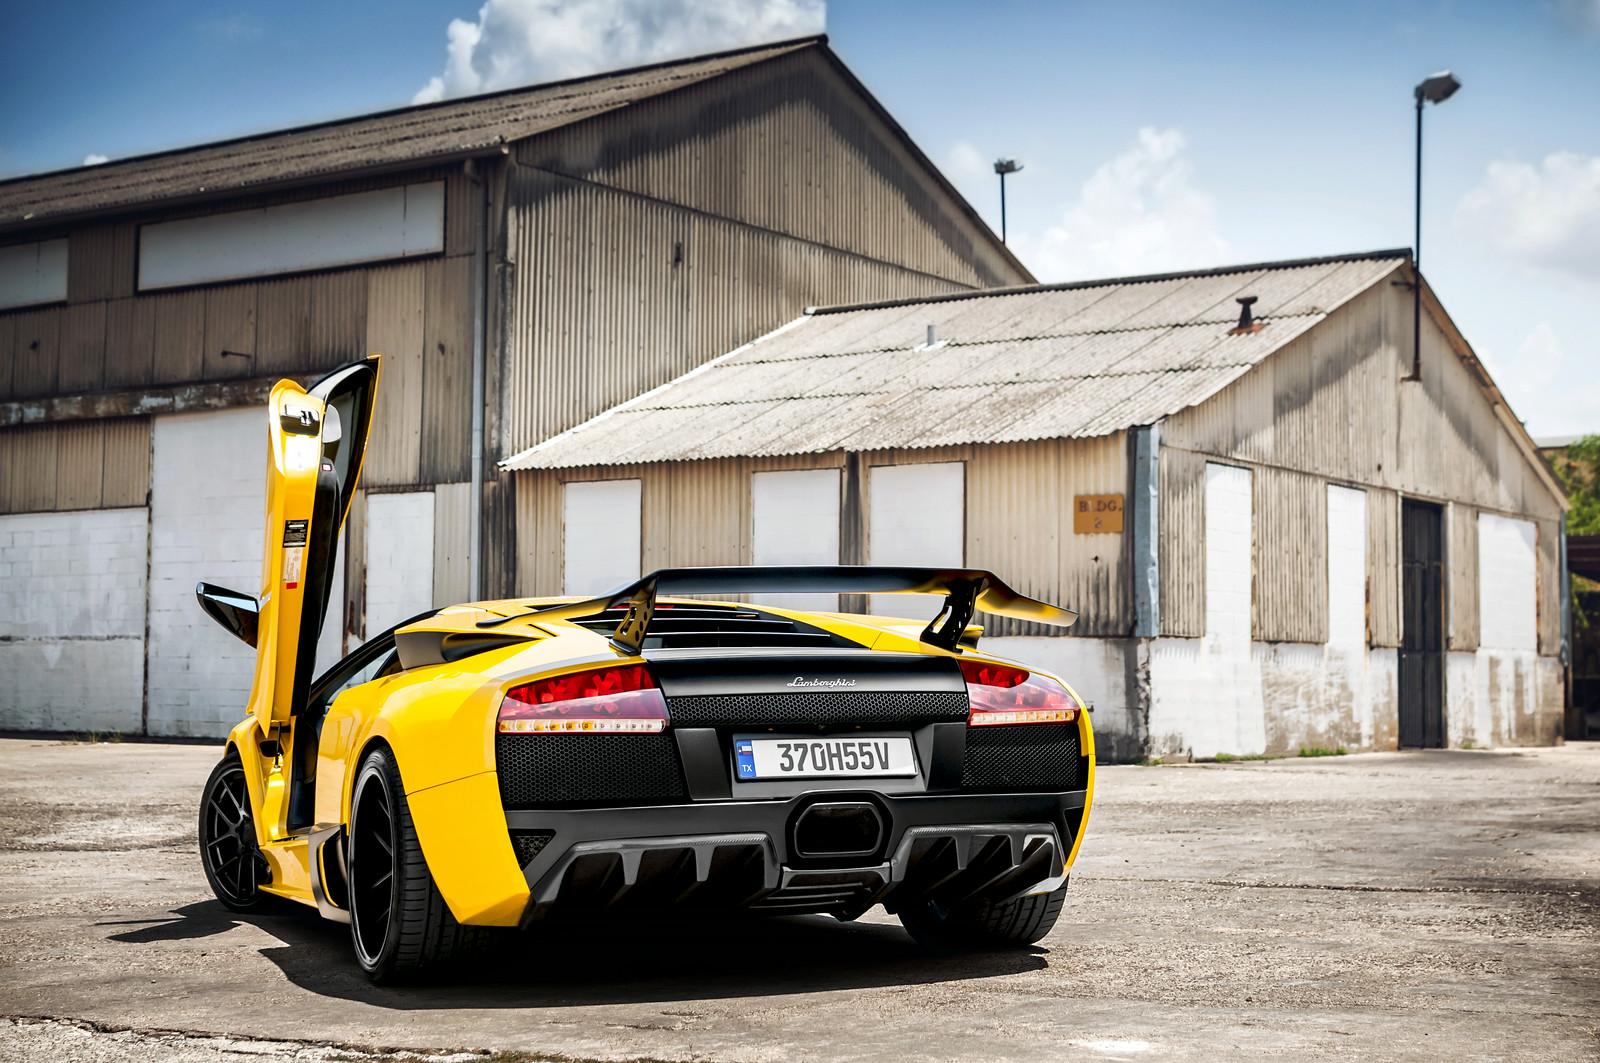 2003 Lamborghini Murcielago Liberty Walk Evs Motors Inc